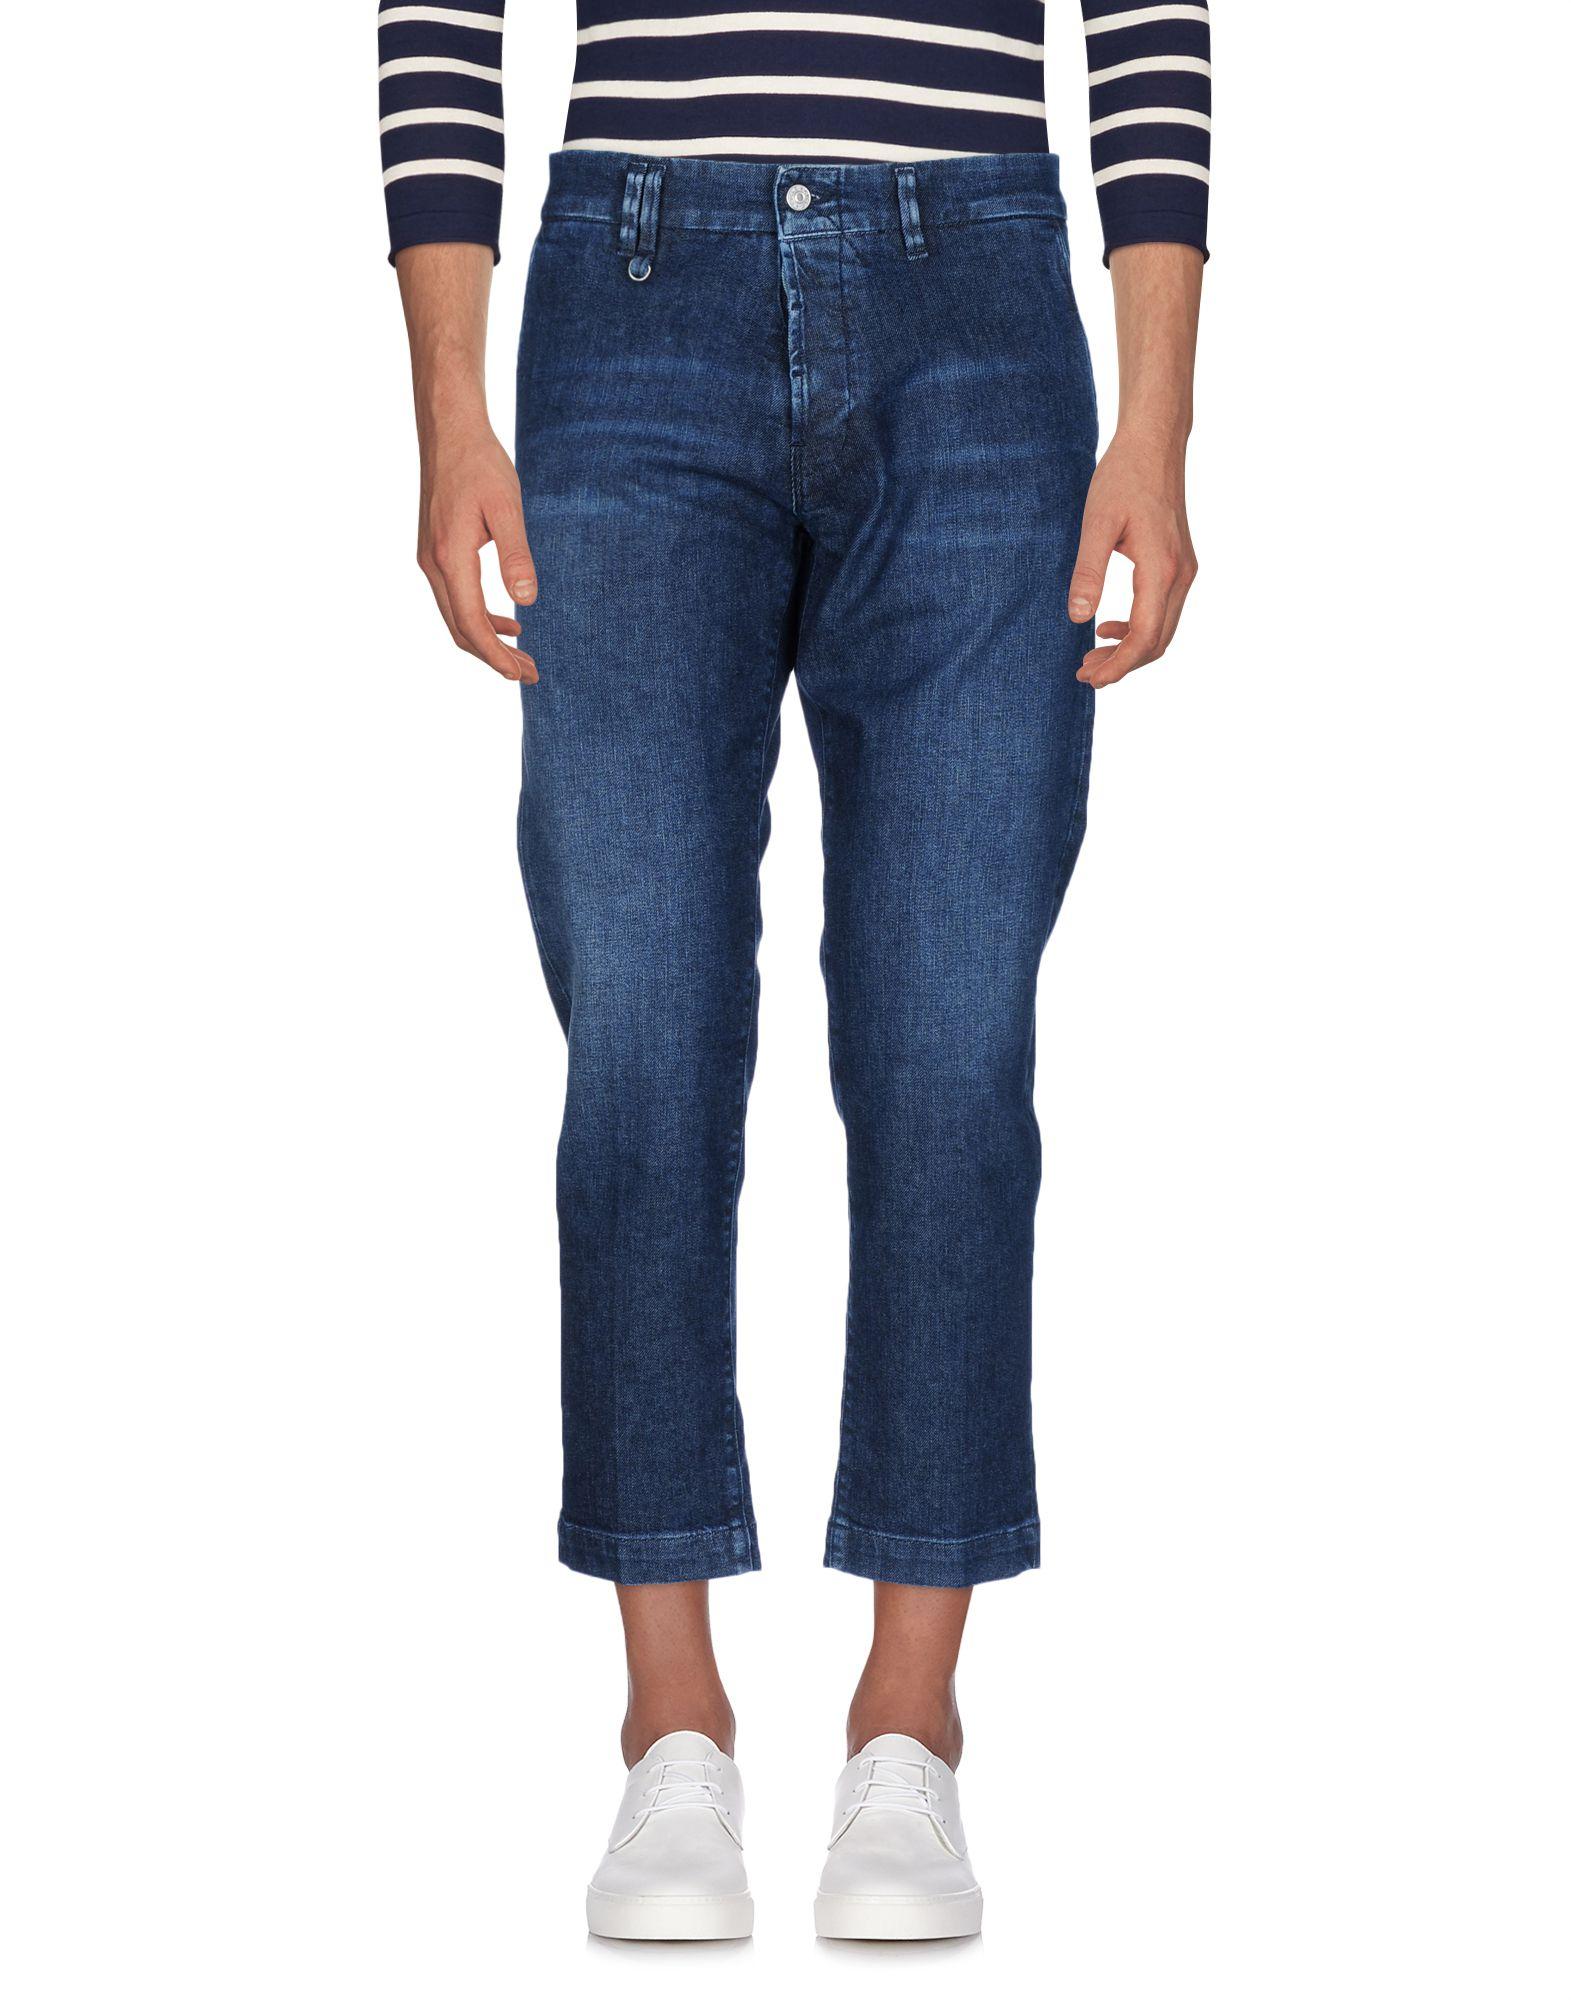 ФОТО cycle джинсовые брюки-капри